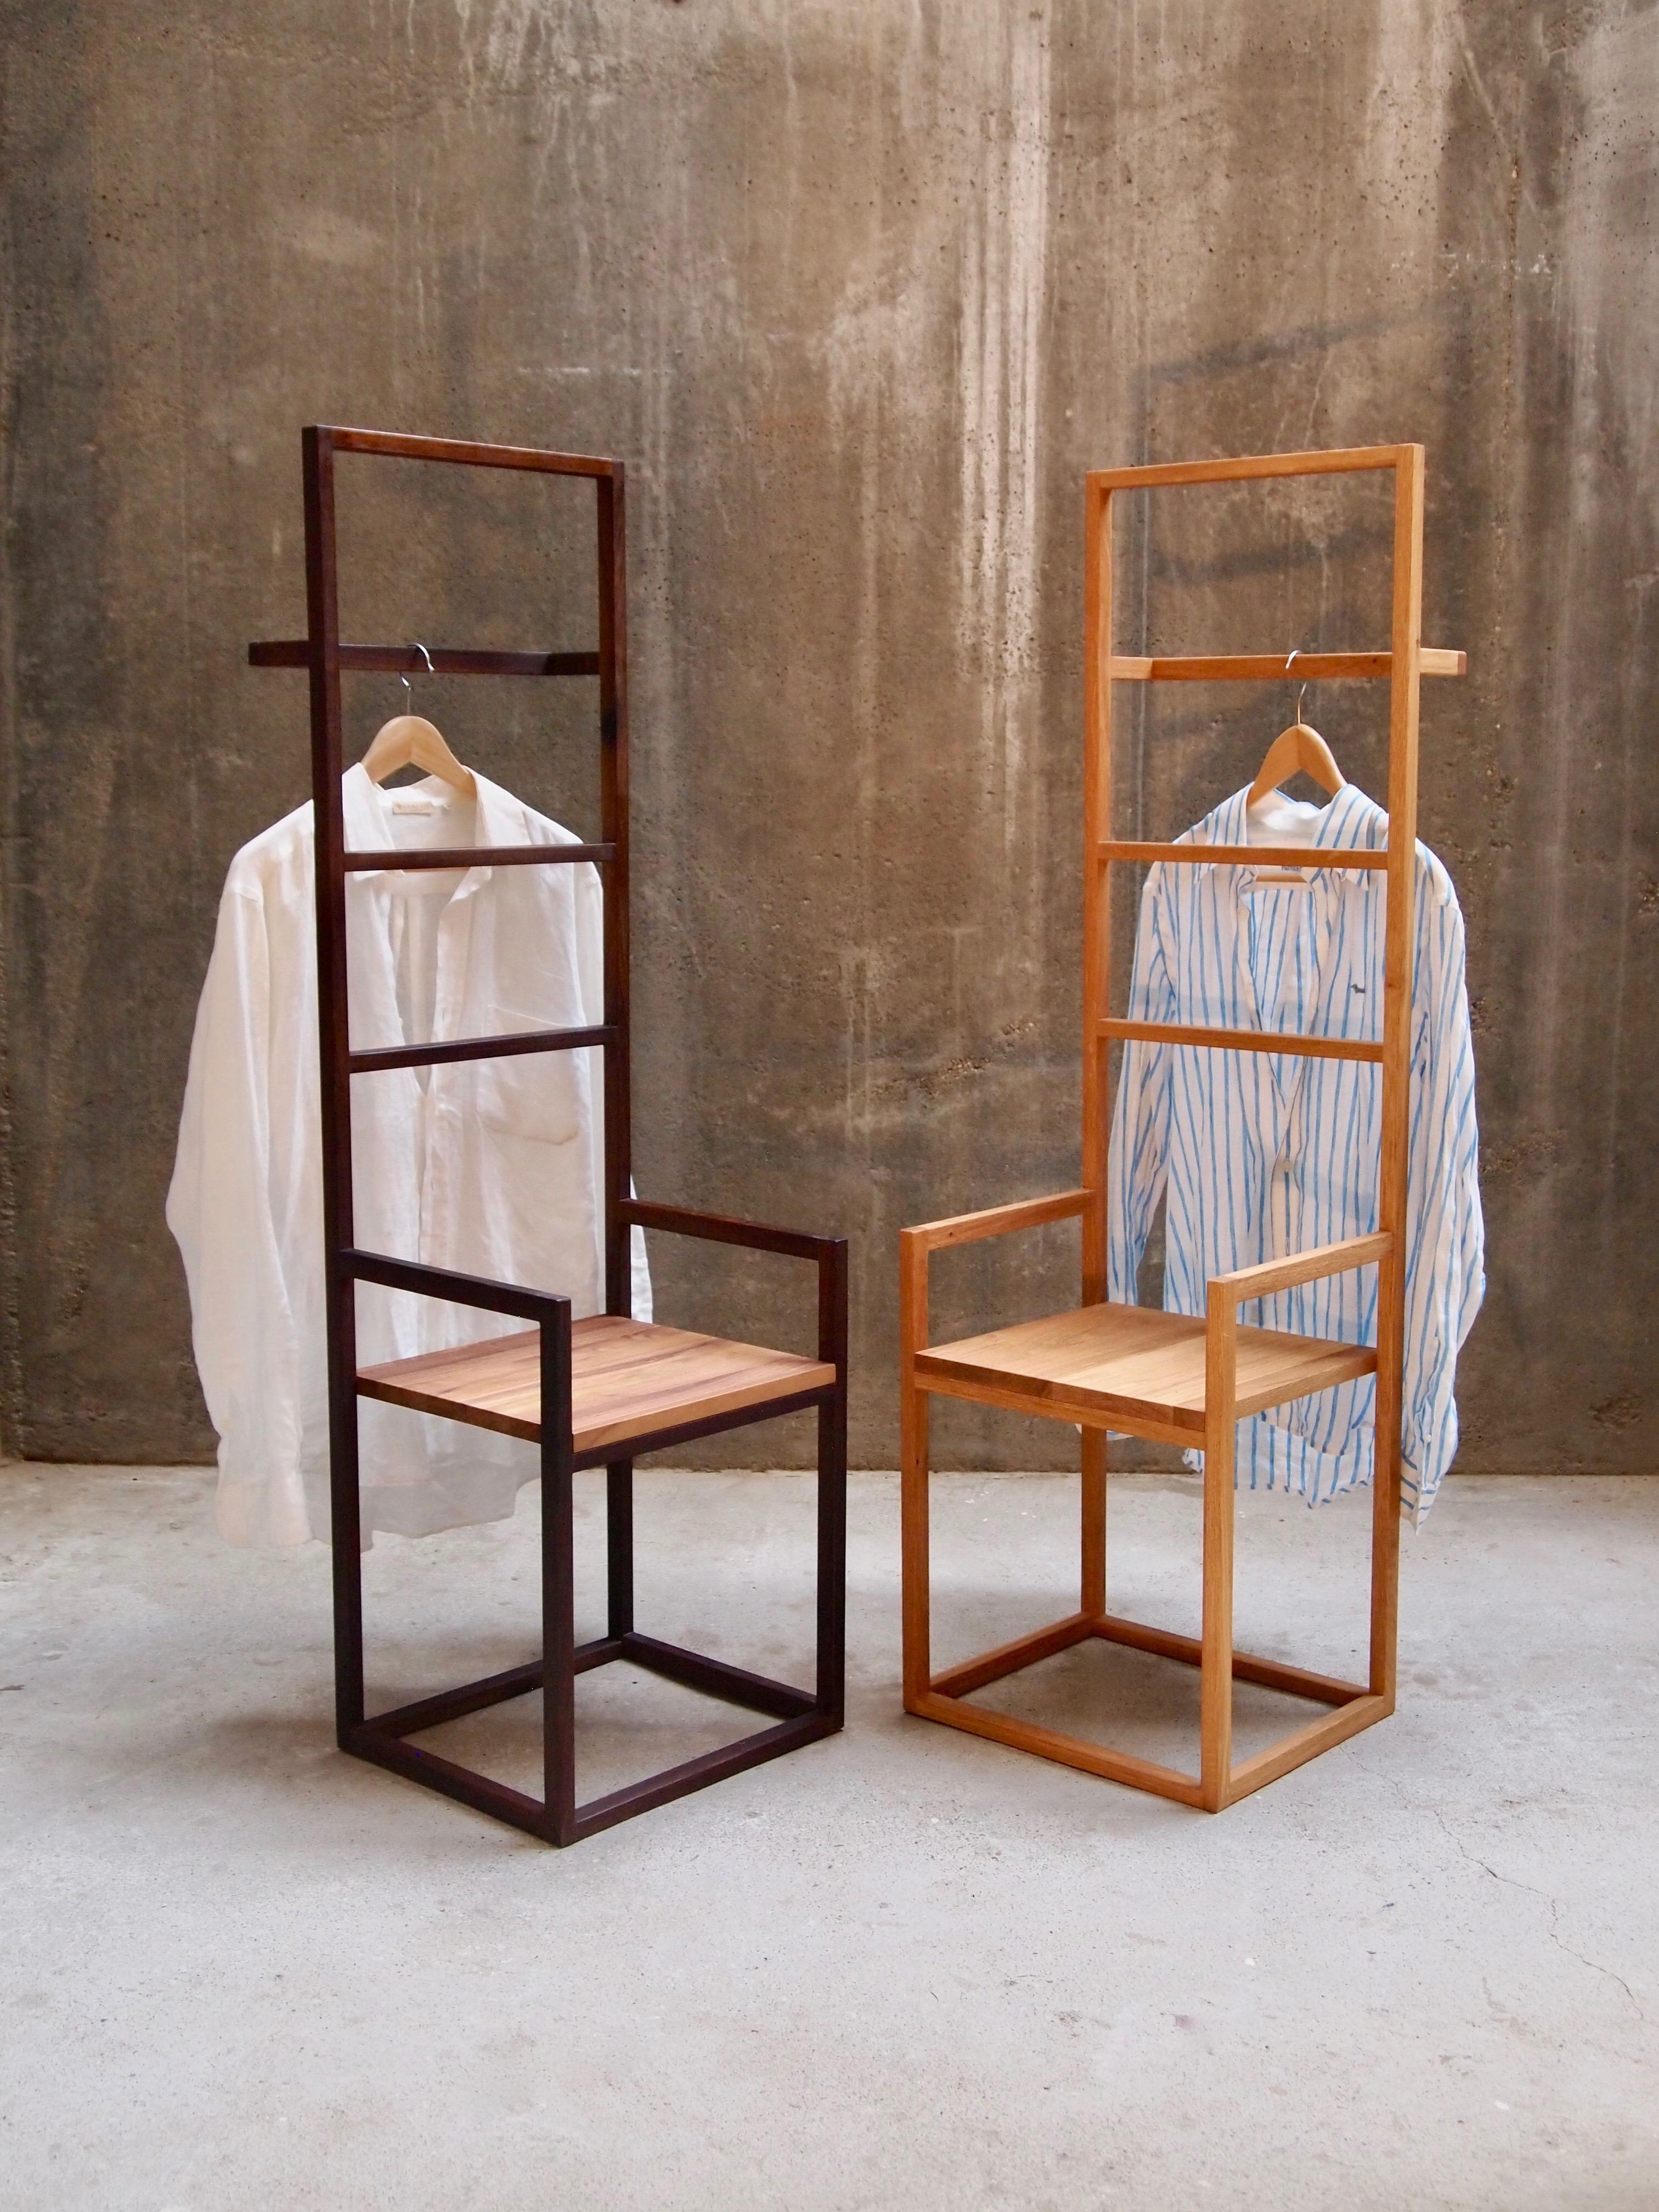 Tb 23 Kleiderstuhl Holz Zu Einem Erschwinglichen Preis Erhaltlich Tidyboy